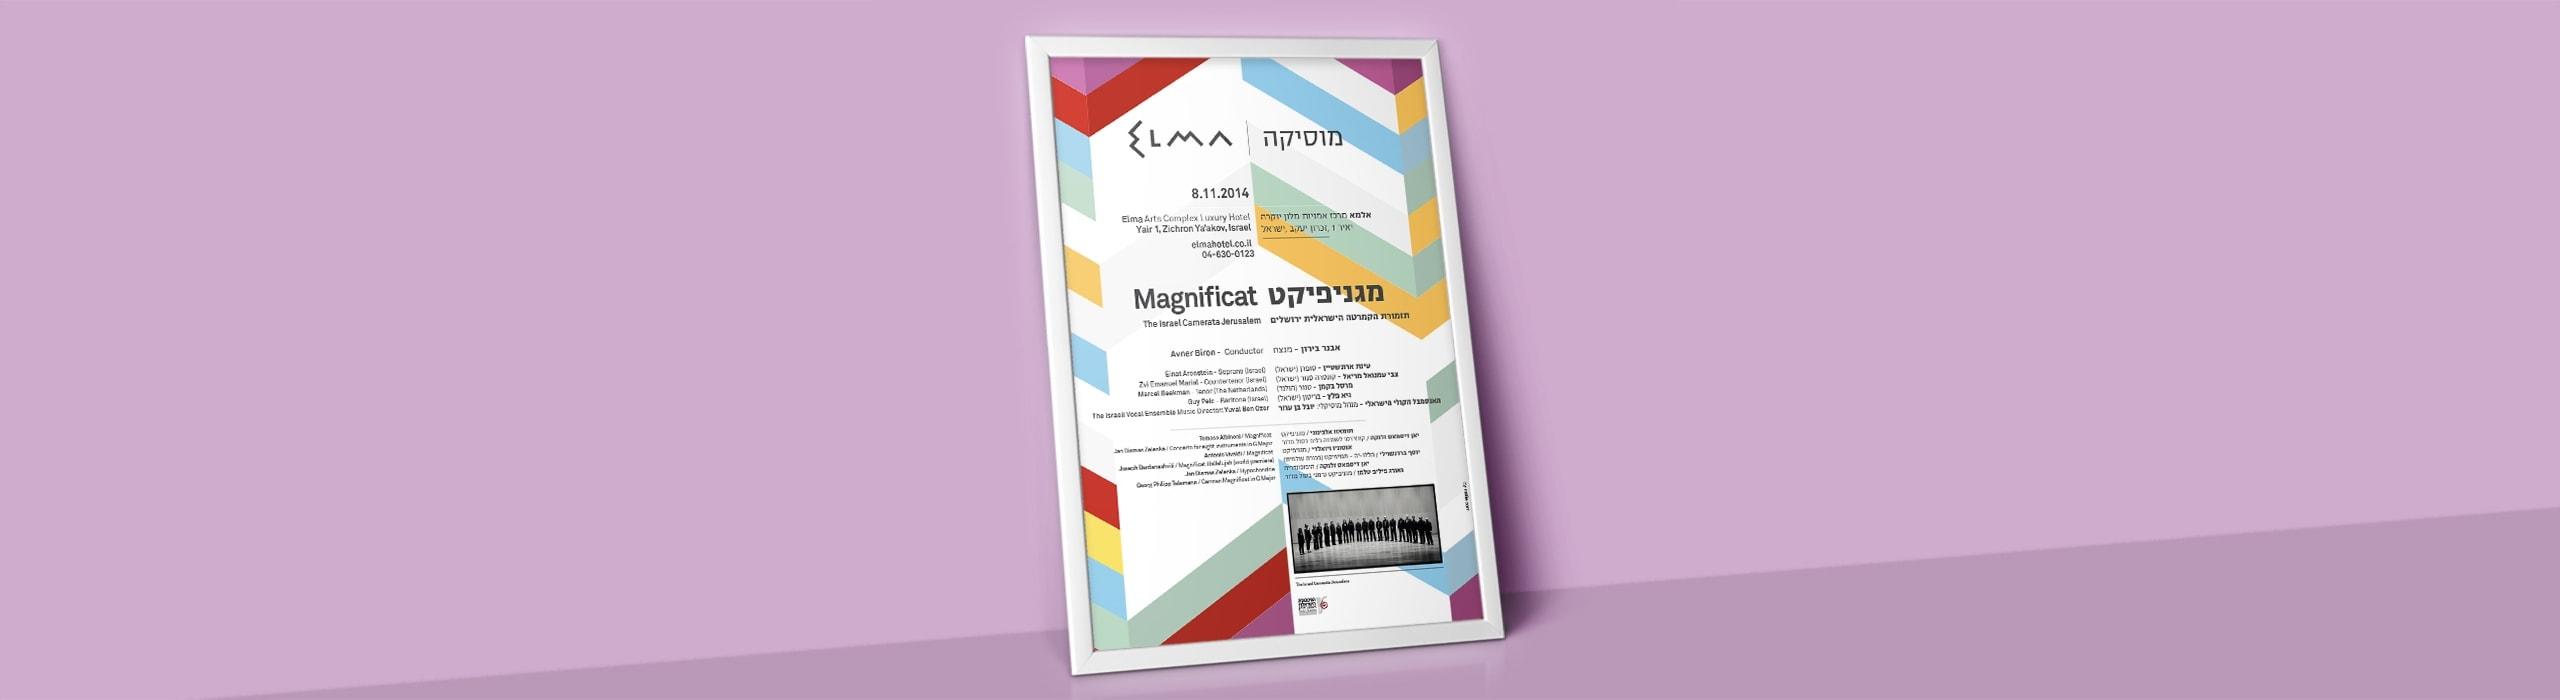 Elma - natie-elma-arts-poster-02 - Natie Branding Agency